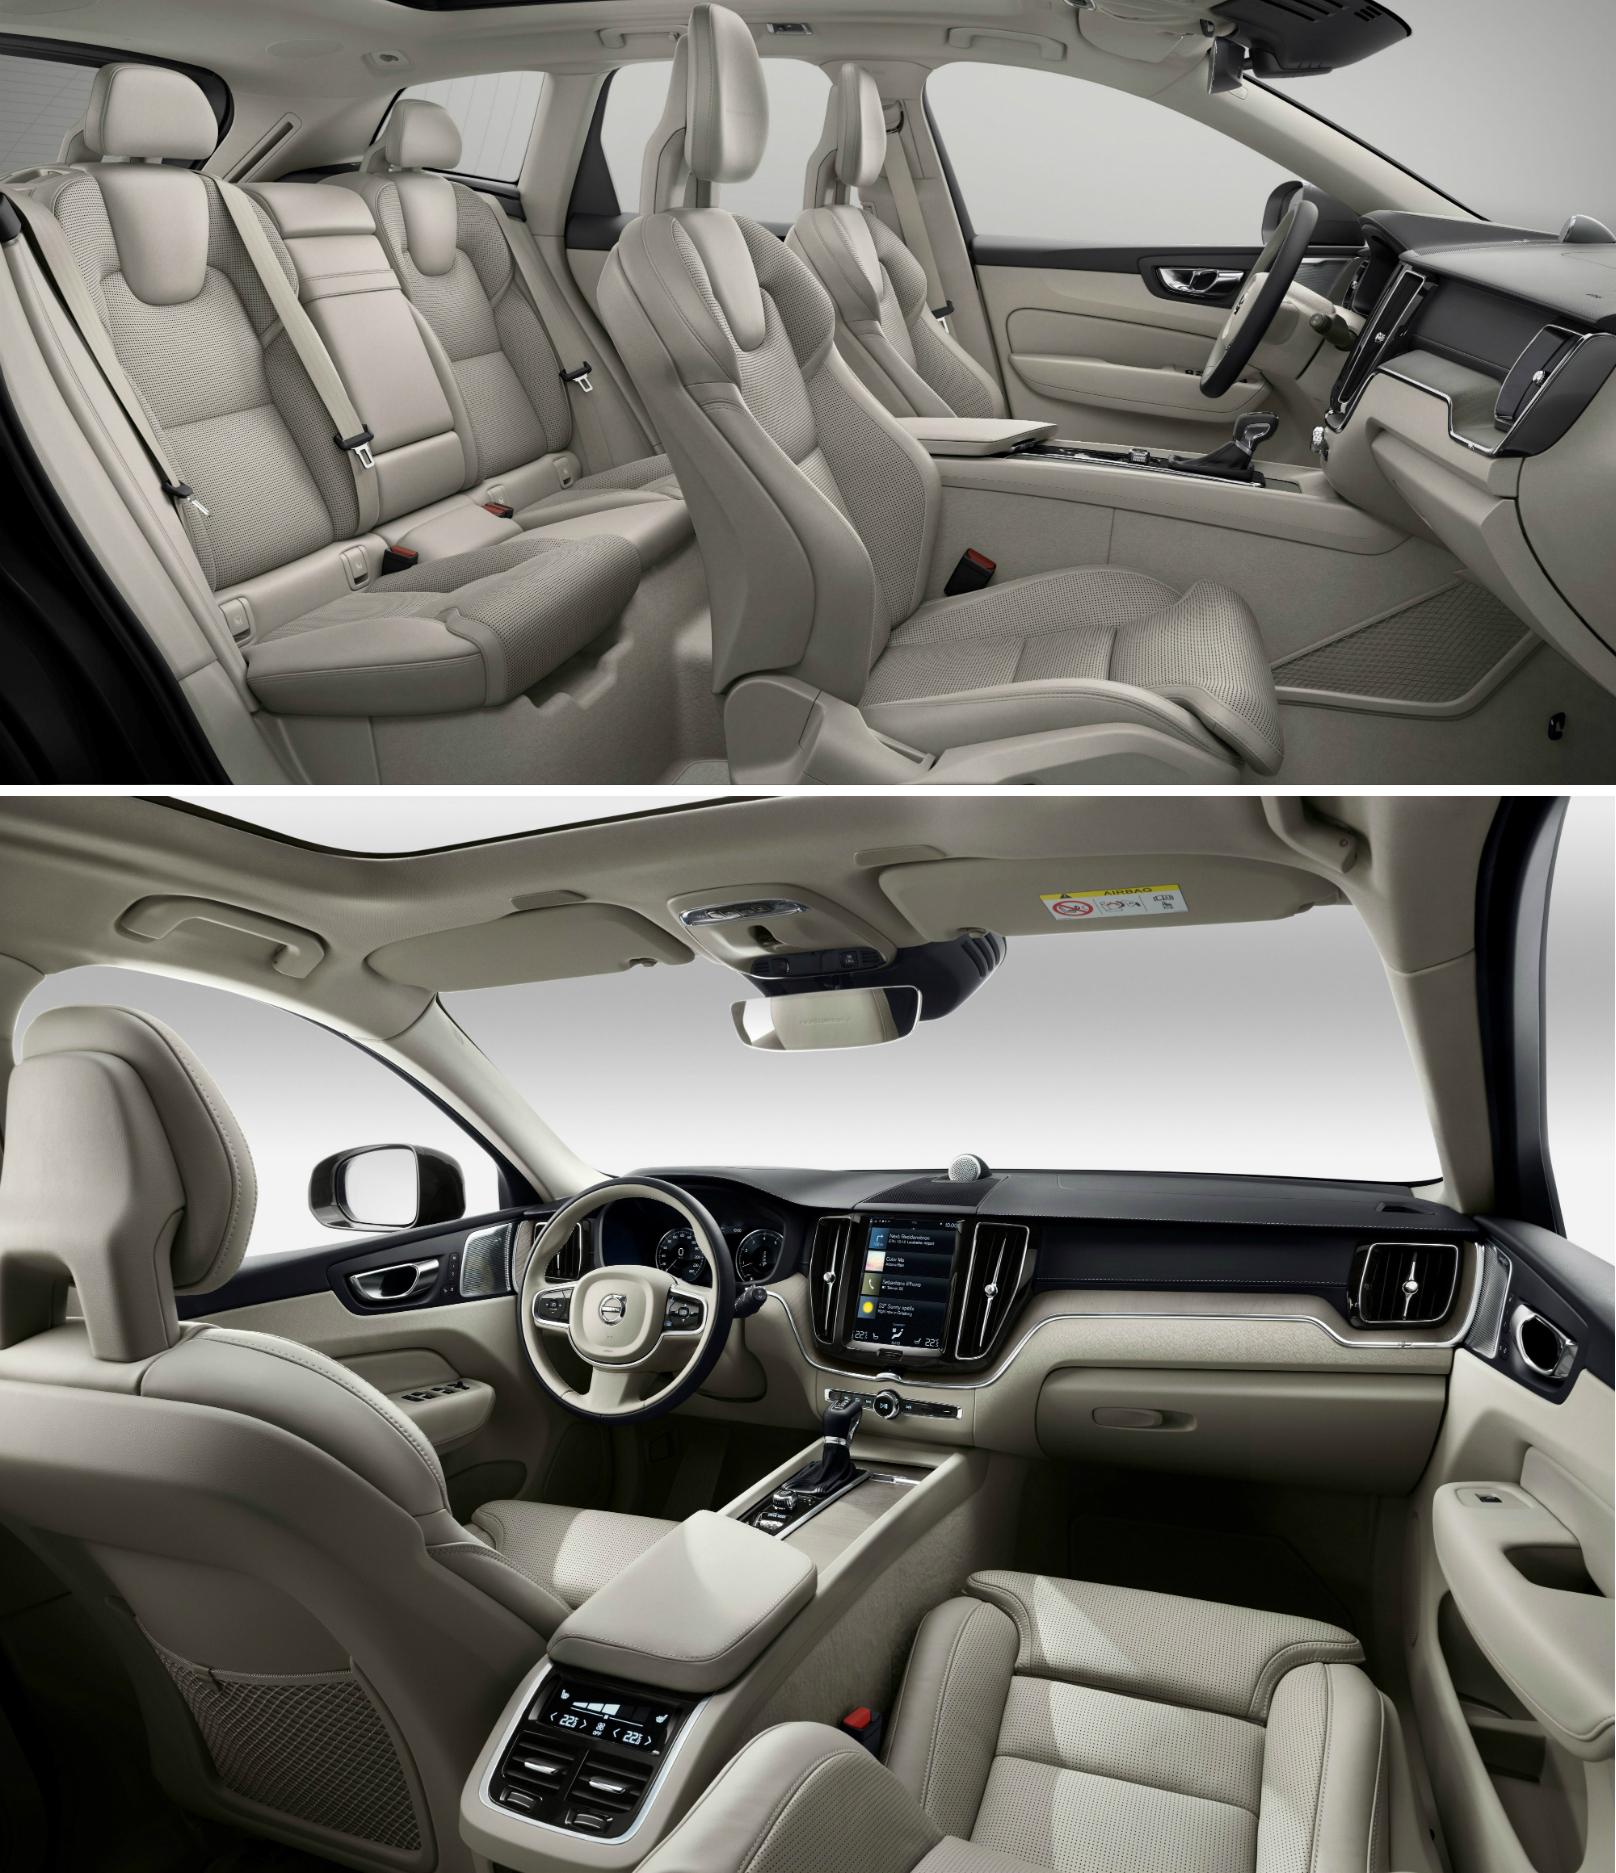 XC60 SUV